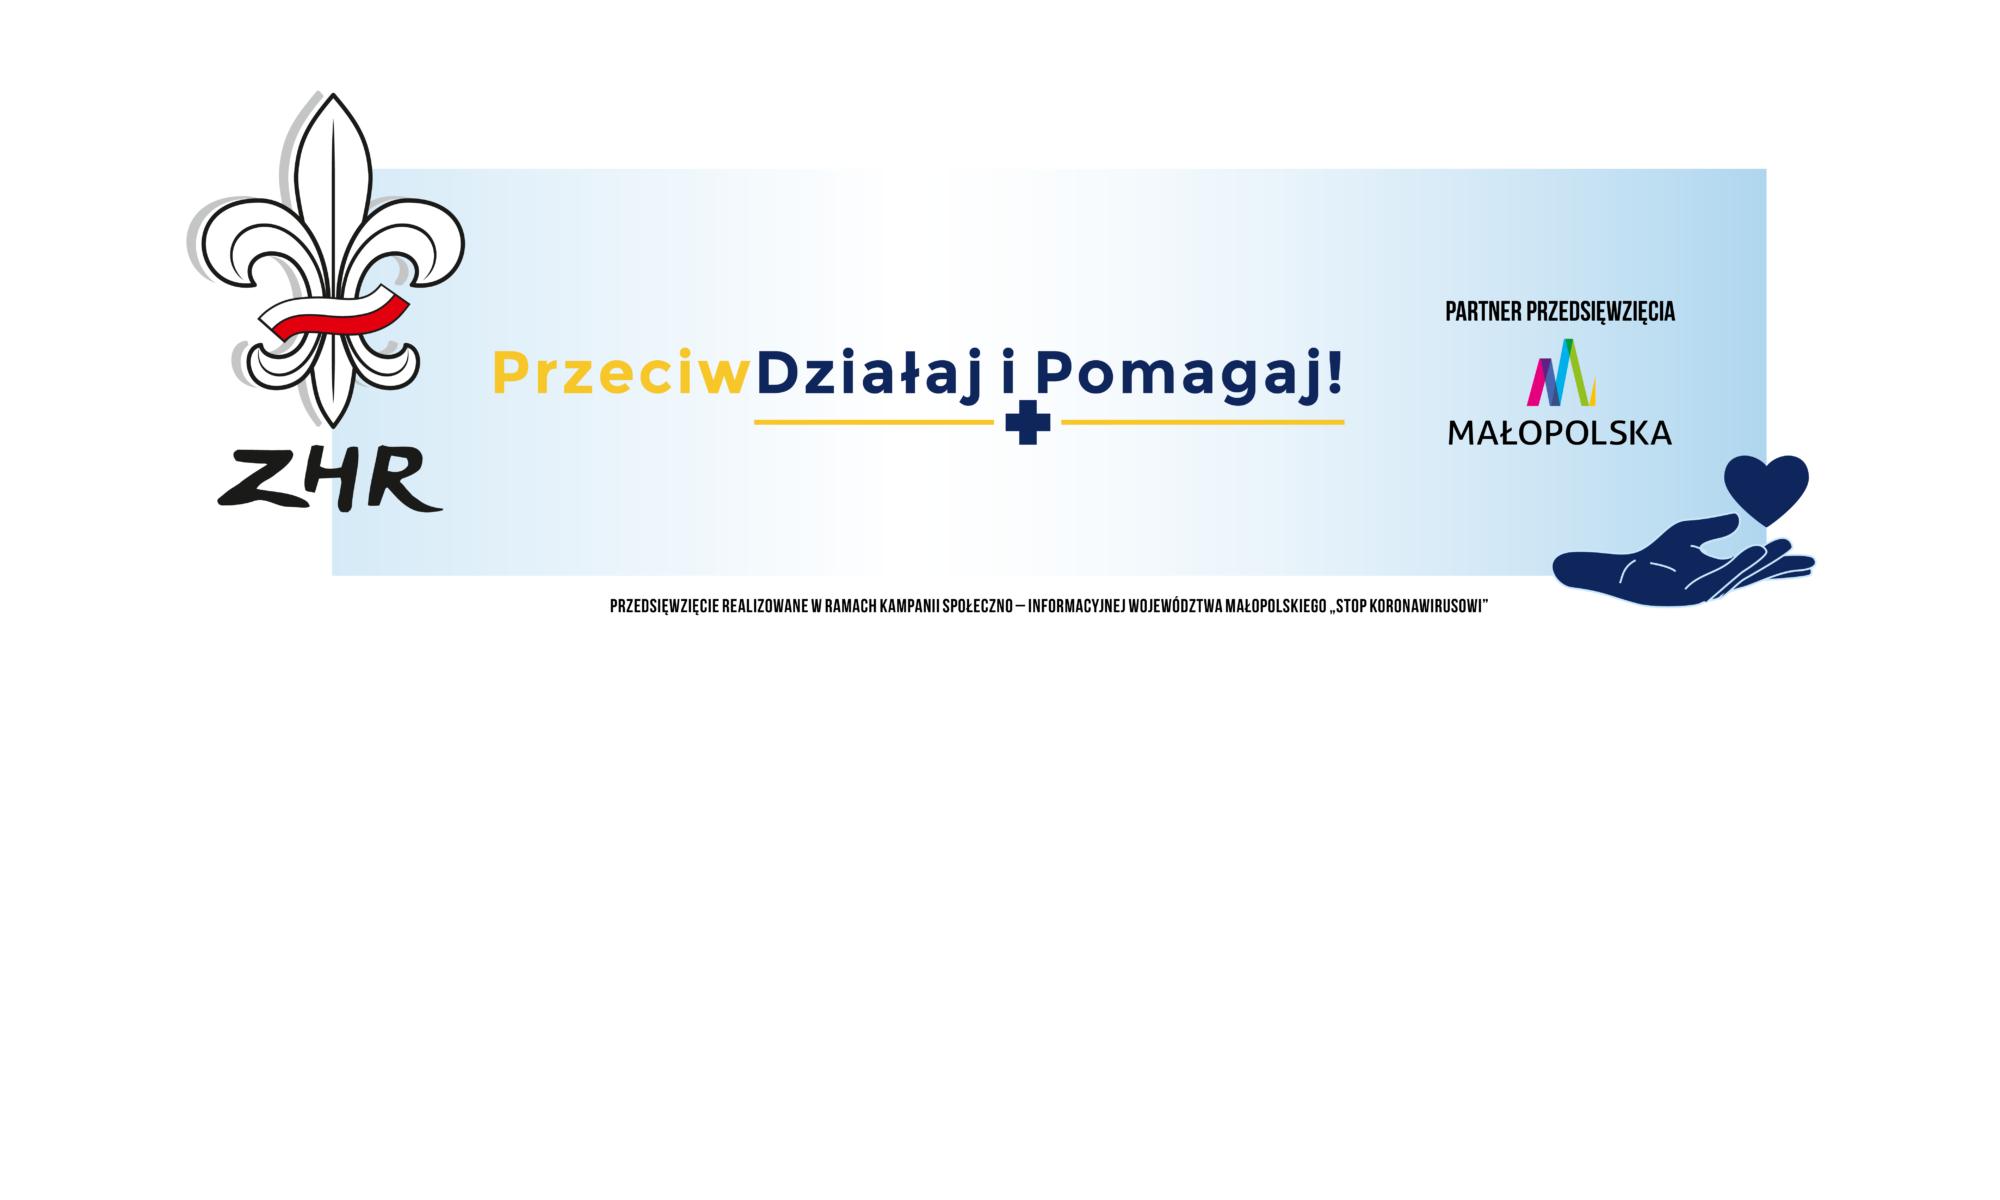 Małopolska Chorągiew Harcerzy ZHR im. Andrzeja Małkowskiego